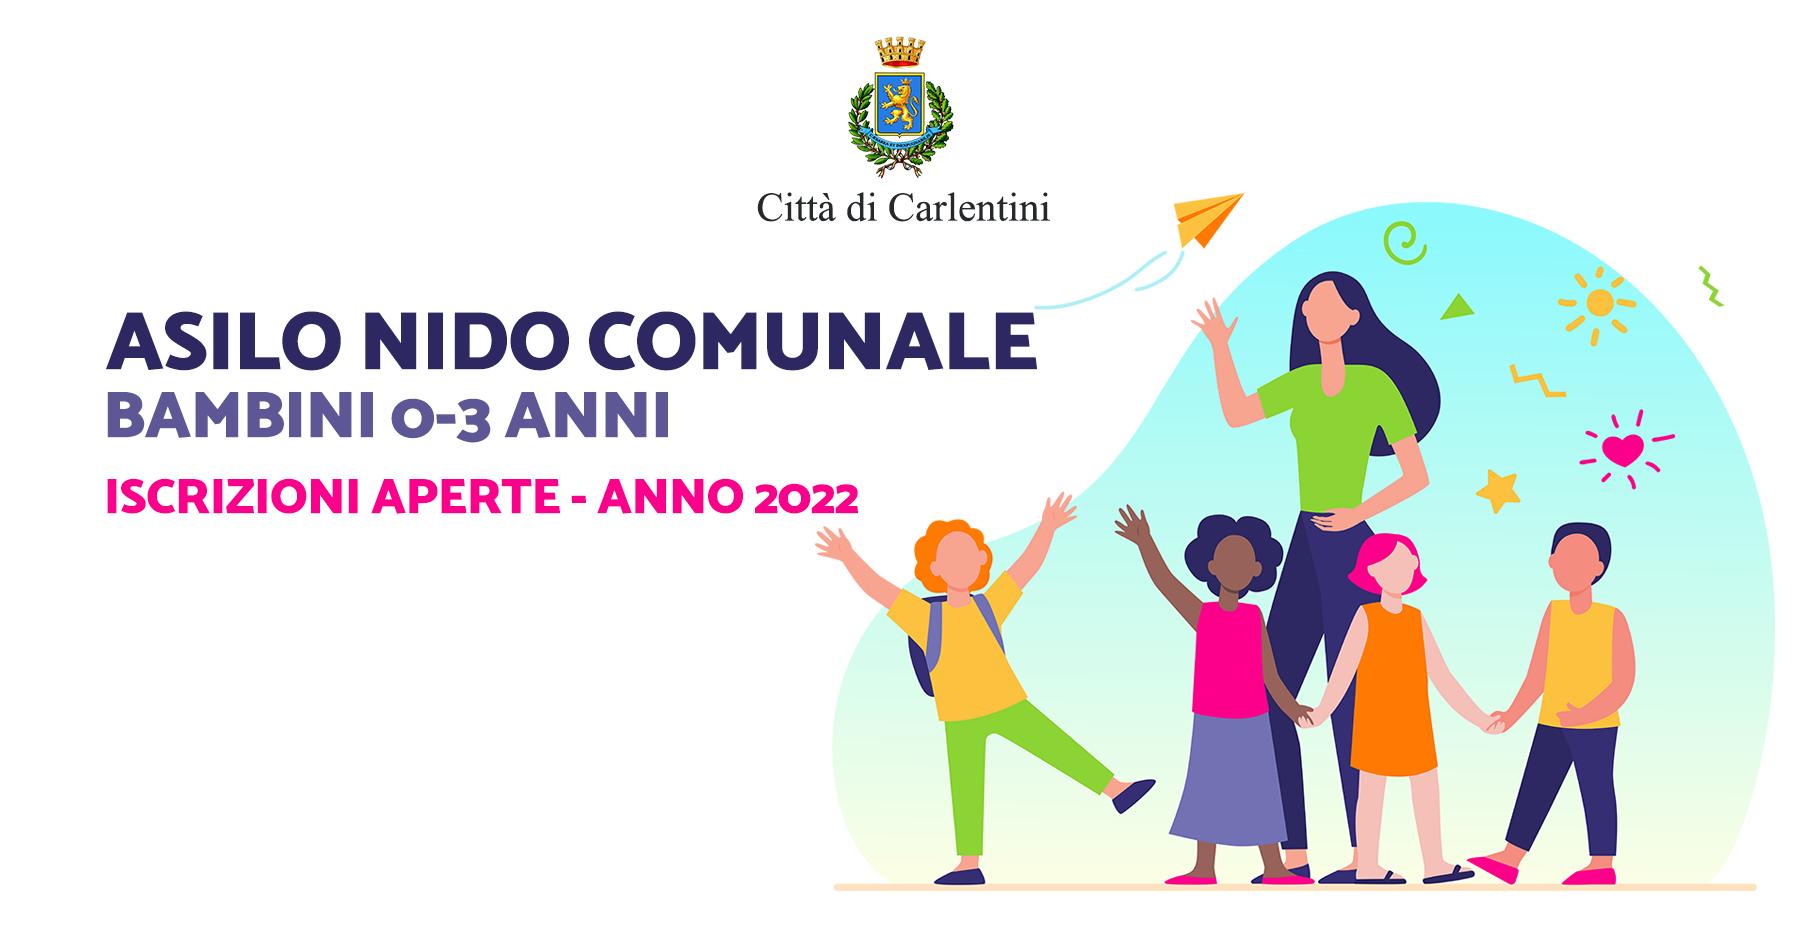 Asilo nido comunale: aperte le iscrizioni per l'anno 2022